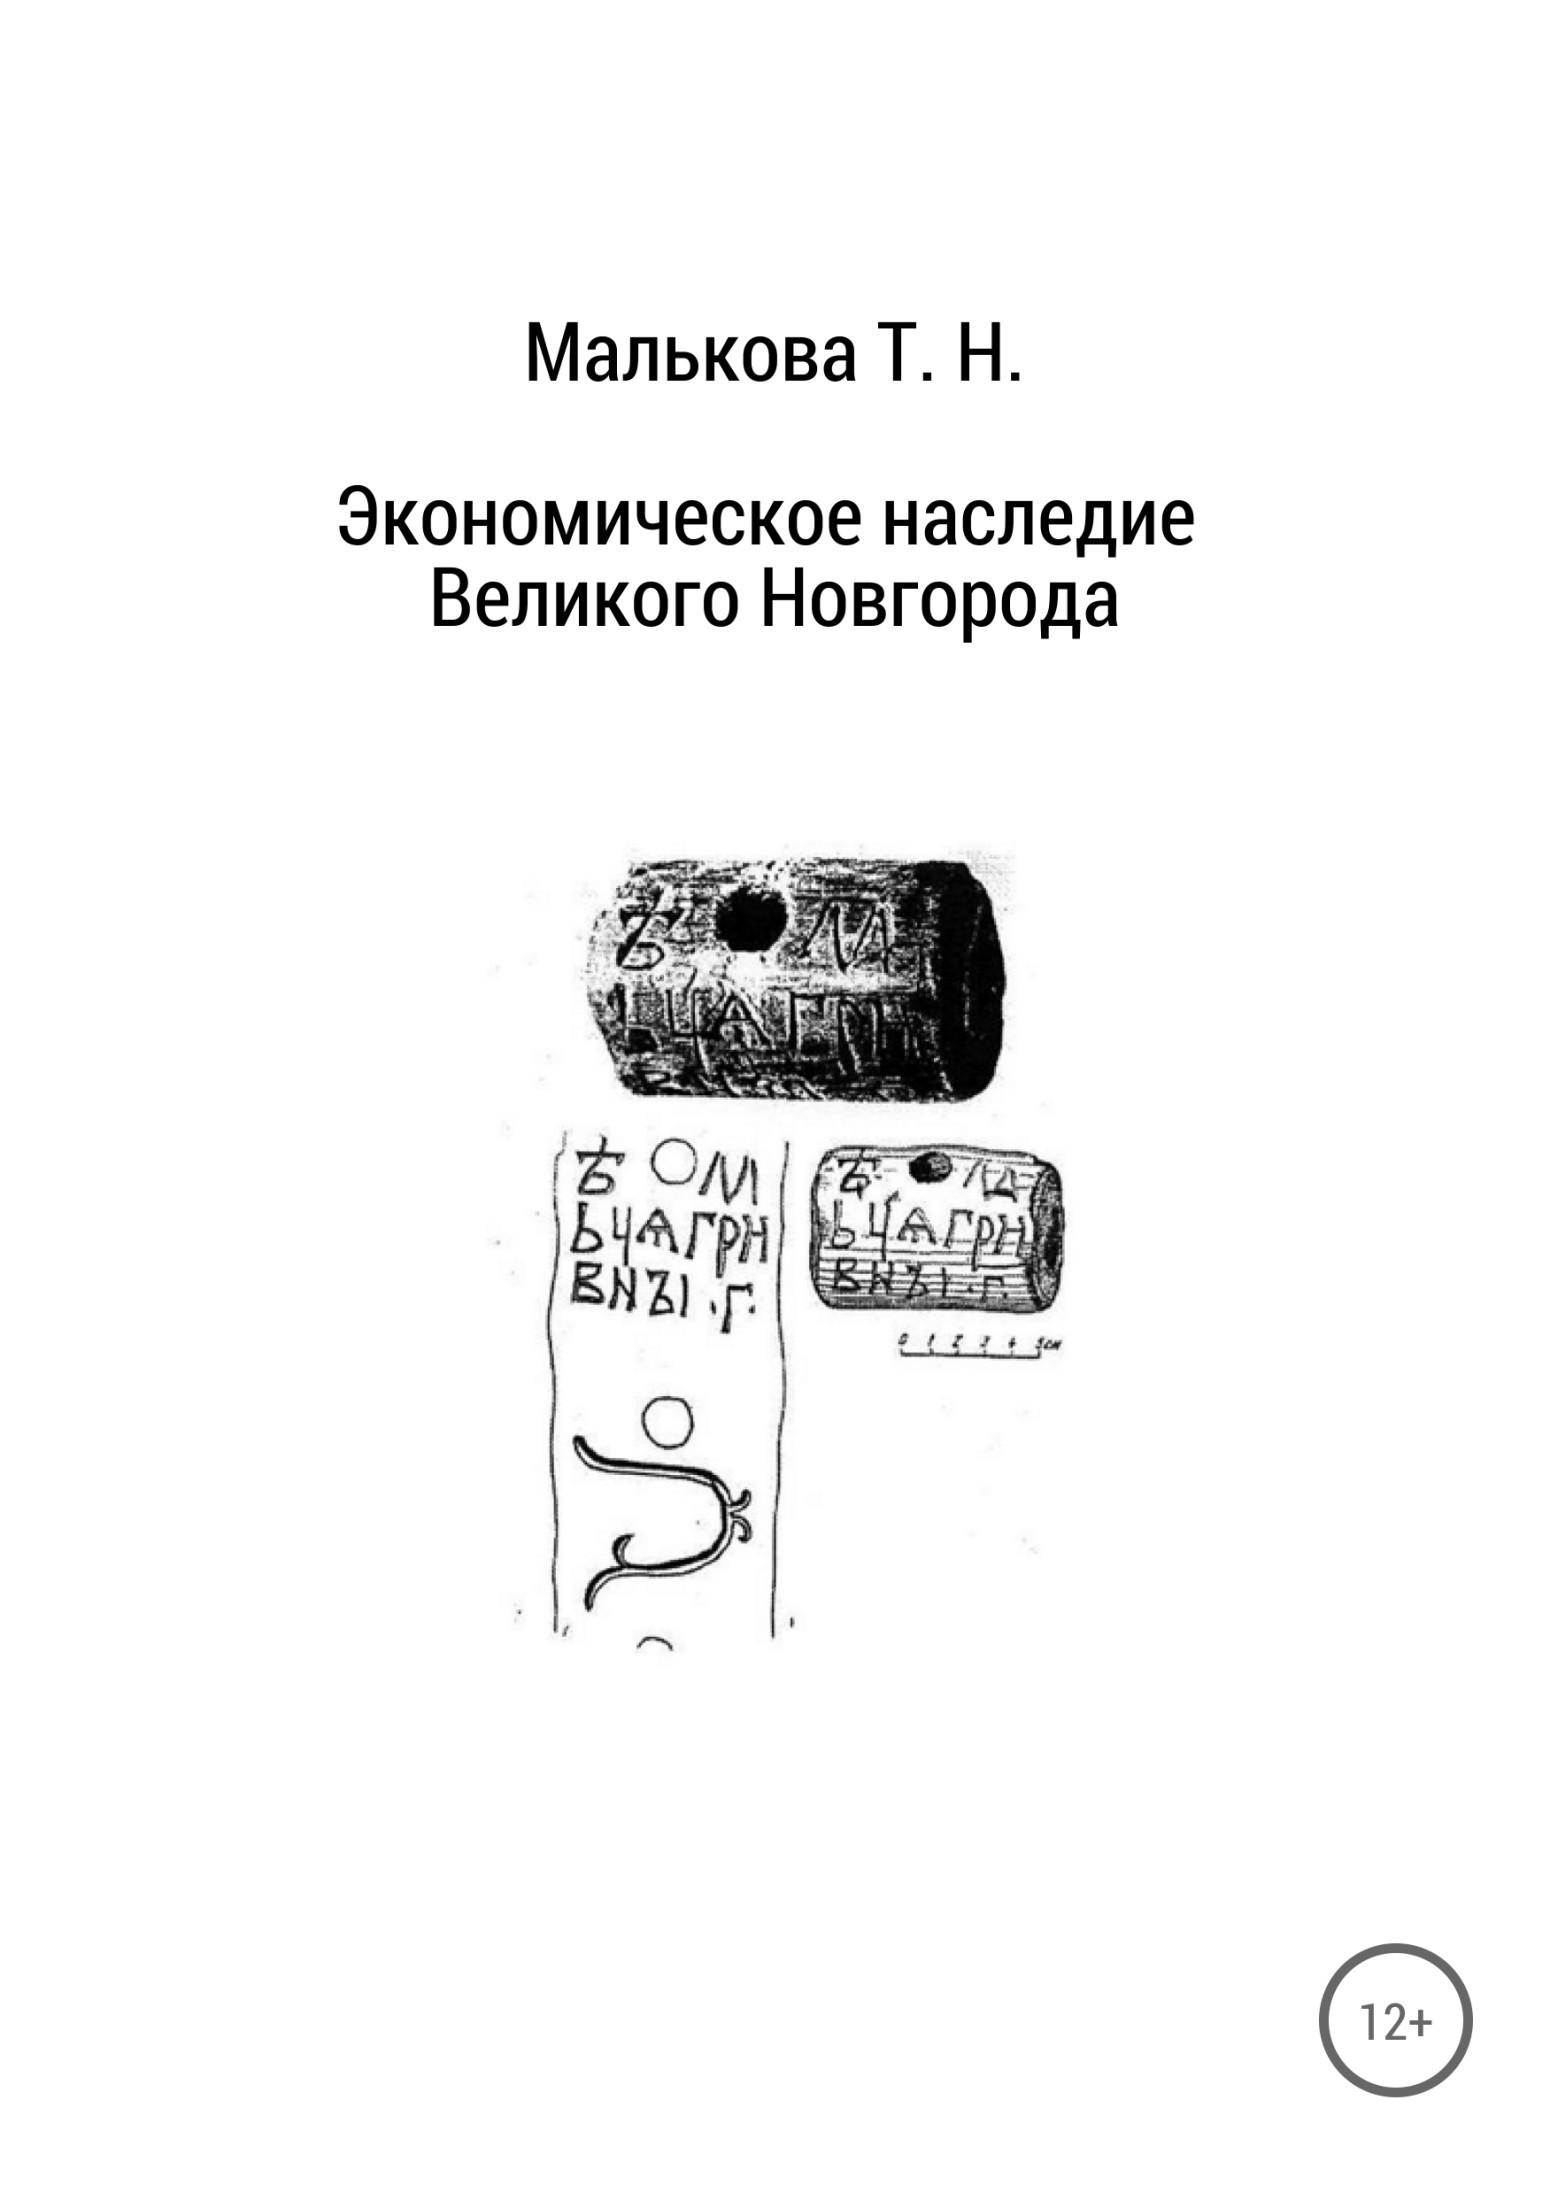 Обложка книги Экономическое наследие Великого Новгорода